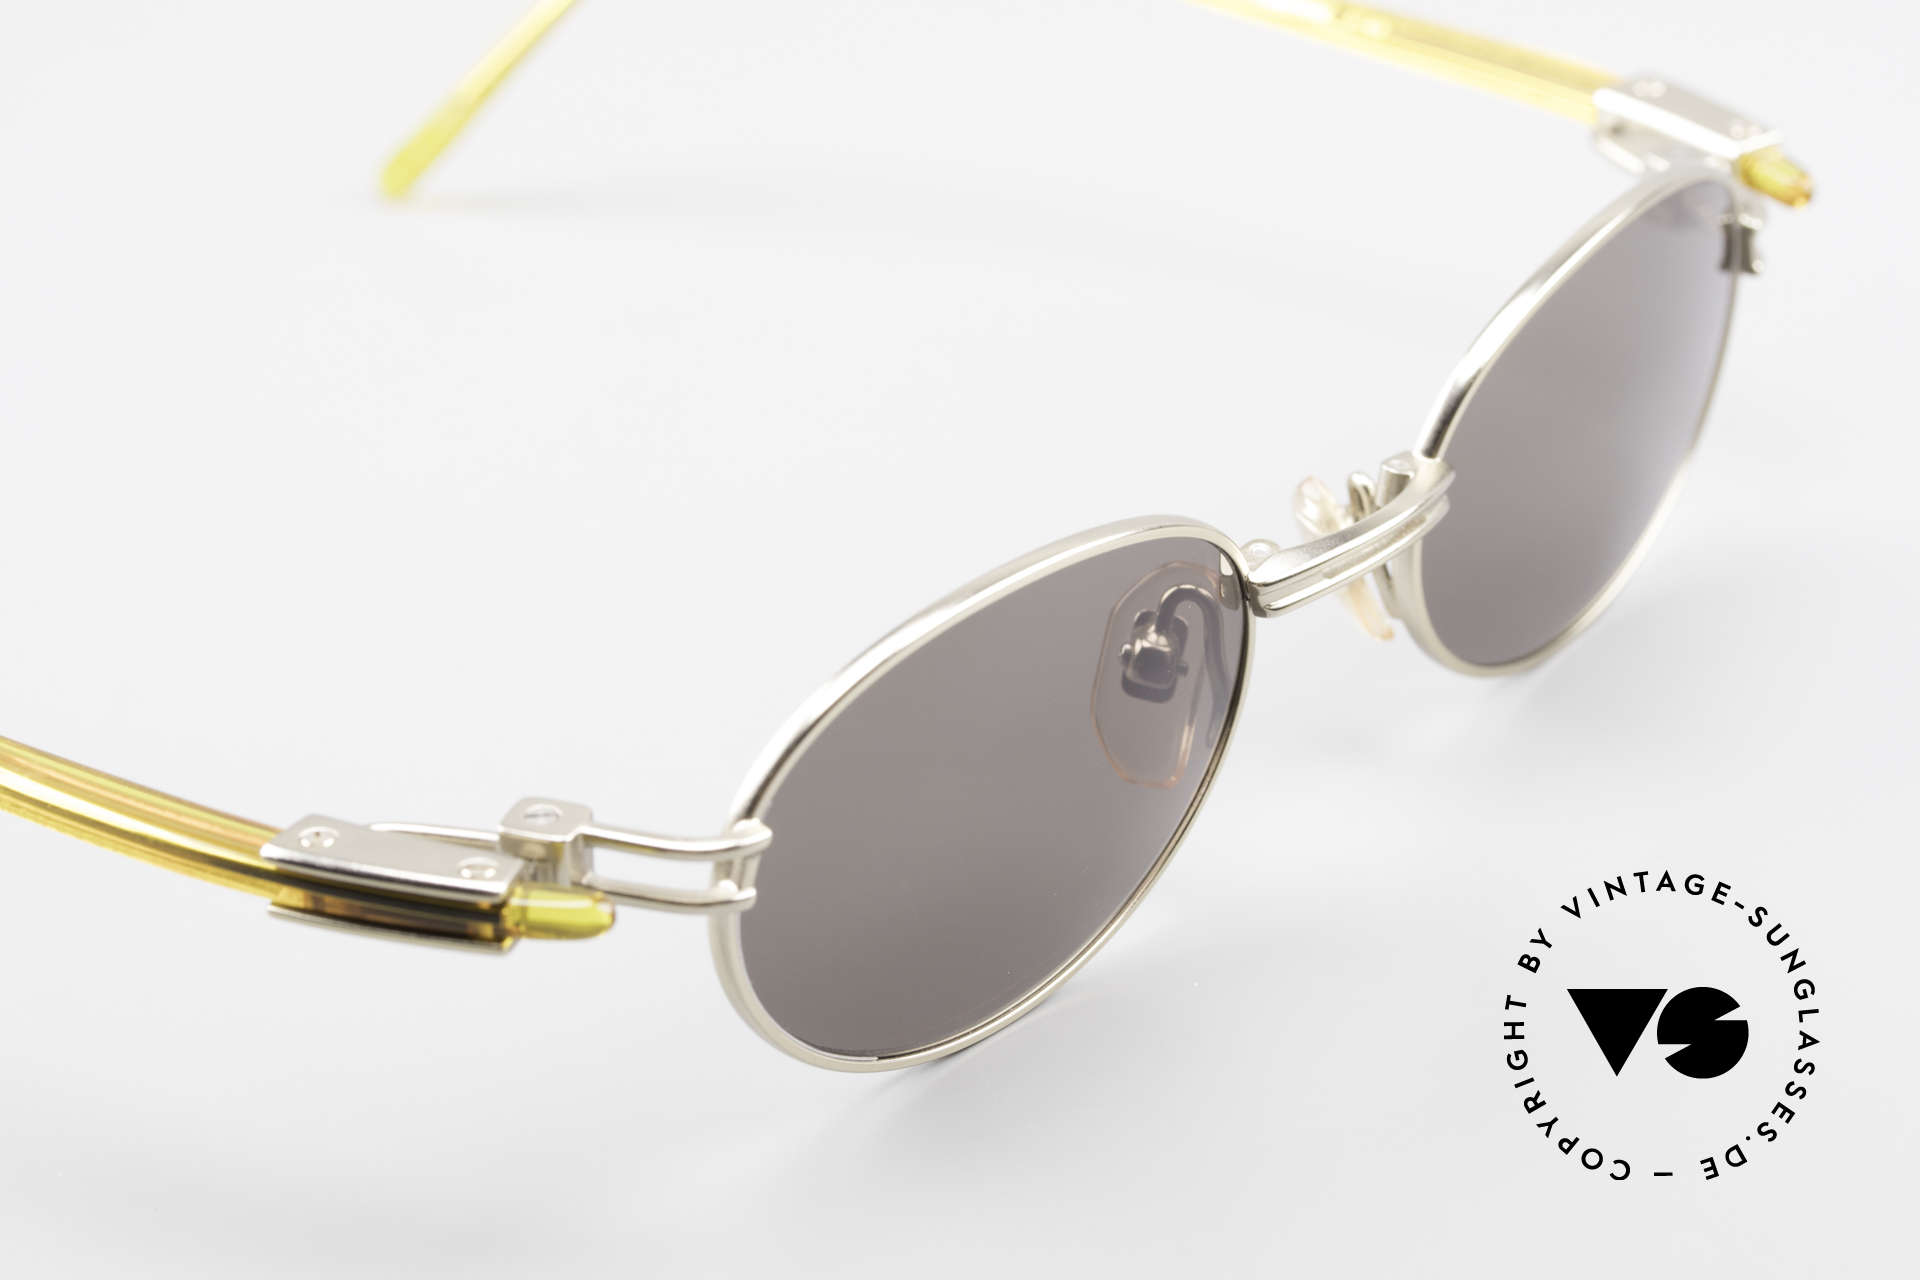 Yohji Yamamoto 52-7202 Designerbrille Oval Vintage, KEINE Retromode; ein Yamamoto Original von 1997 in XL, Passend für Herren und Damen